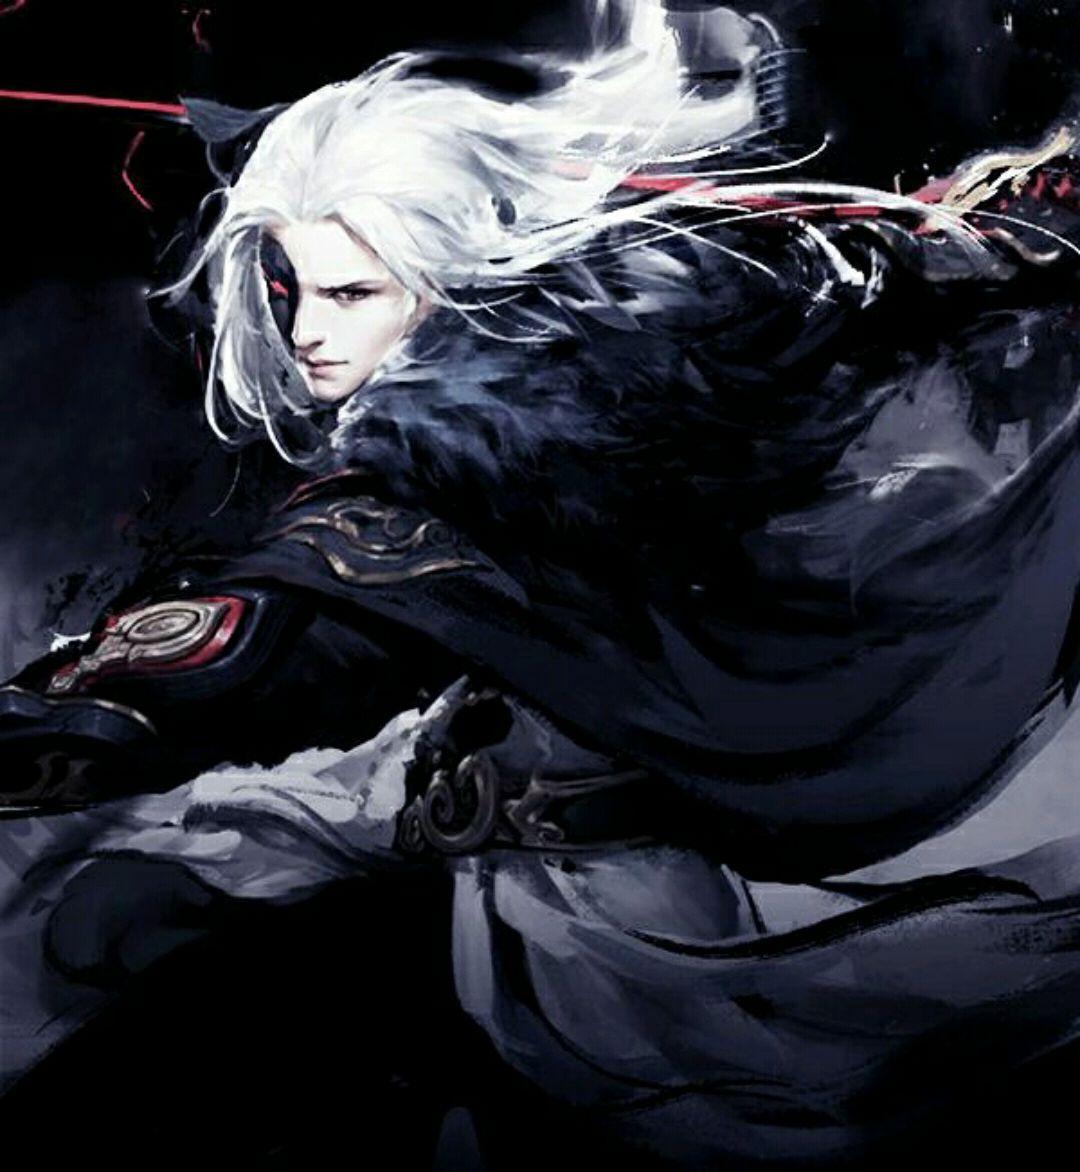 无限之主角天敌5200_这本修真小说主角与《无限恐怖》中的楚轩一样,是个人造人!